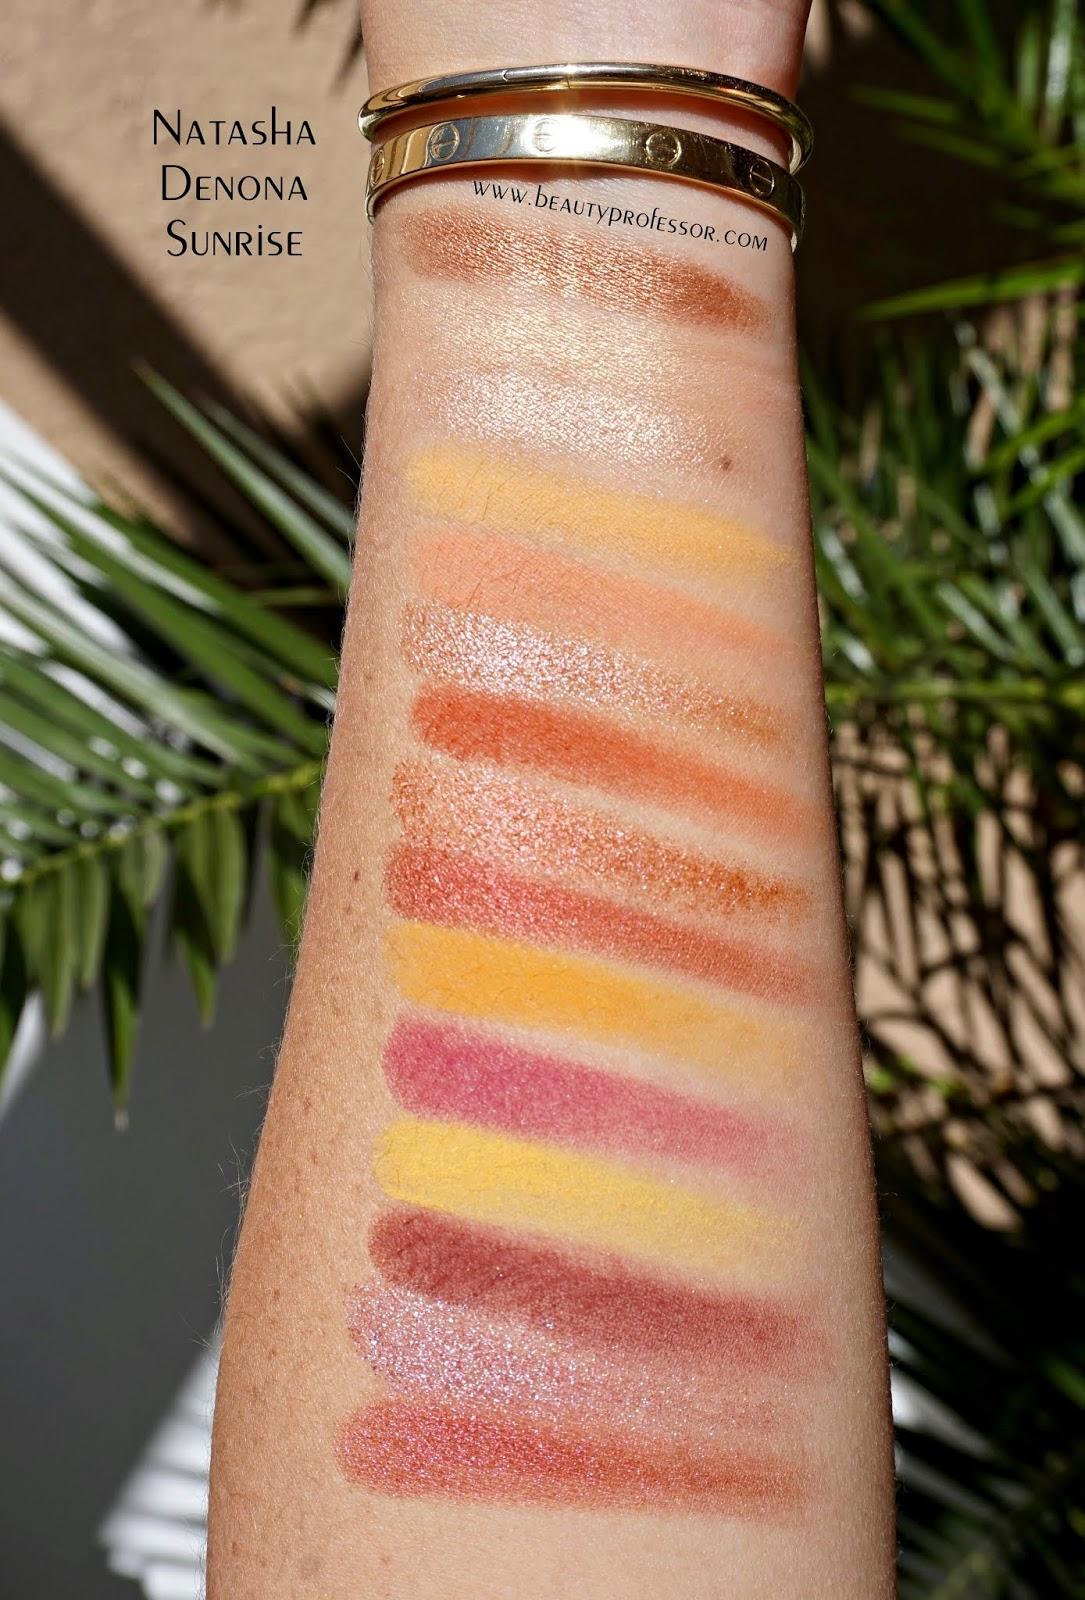 Natasha denona sunrise palette swatches